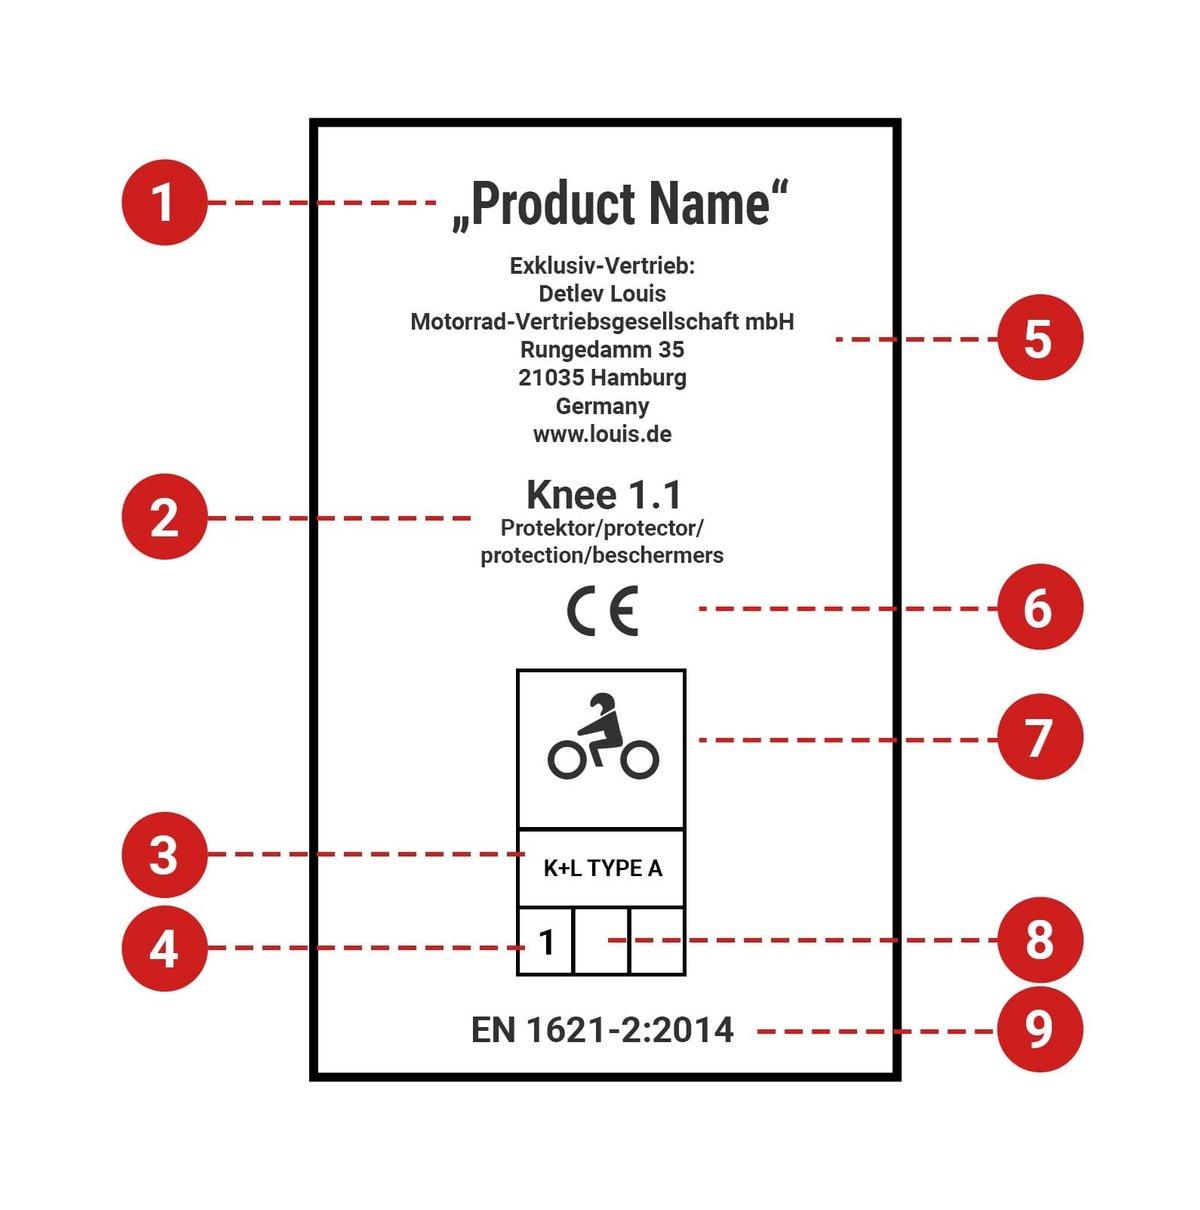 Kennzeichnung am Produkt